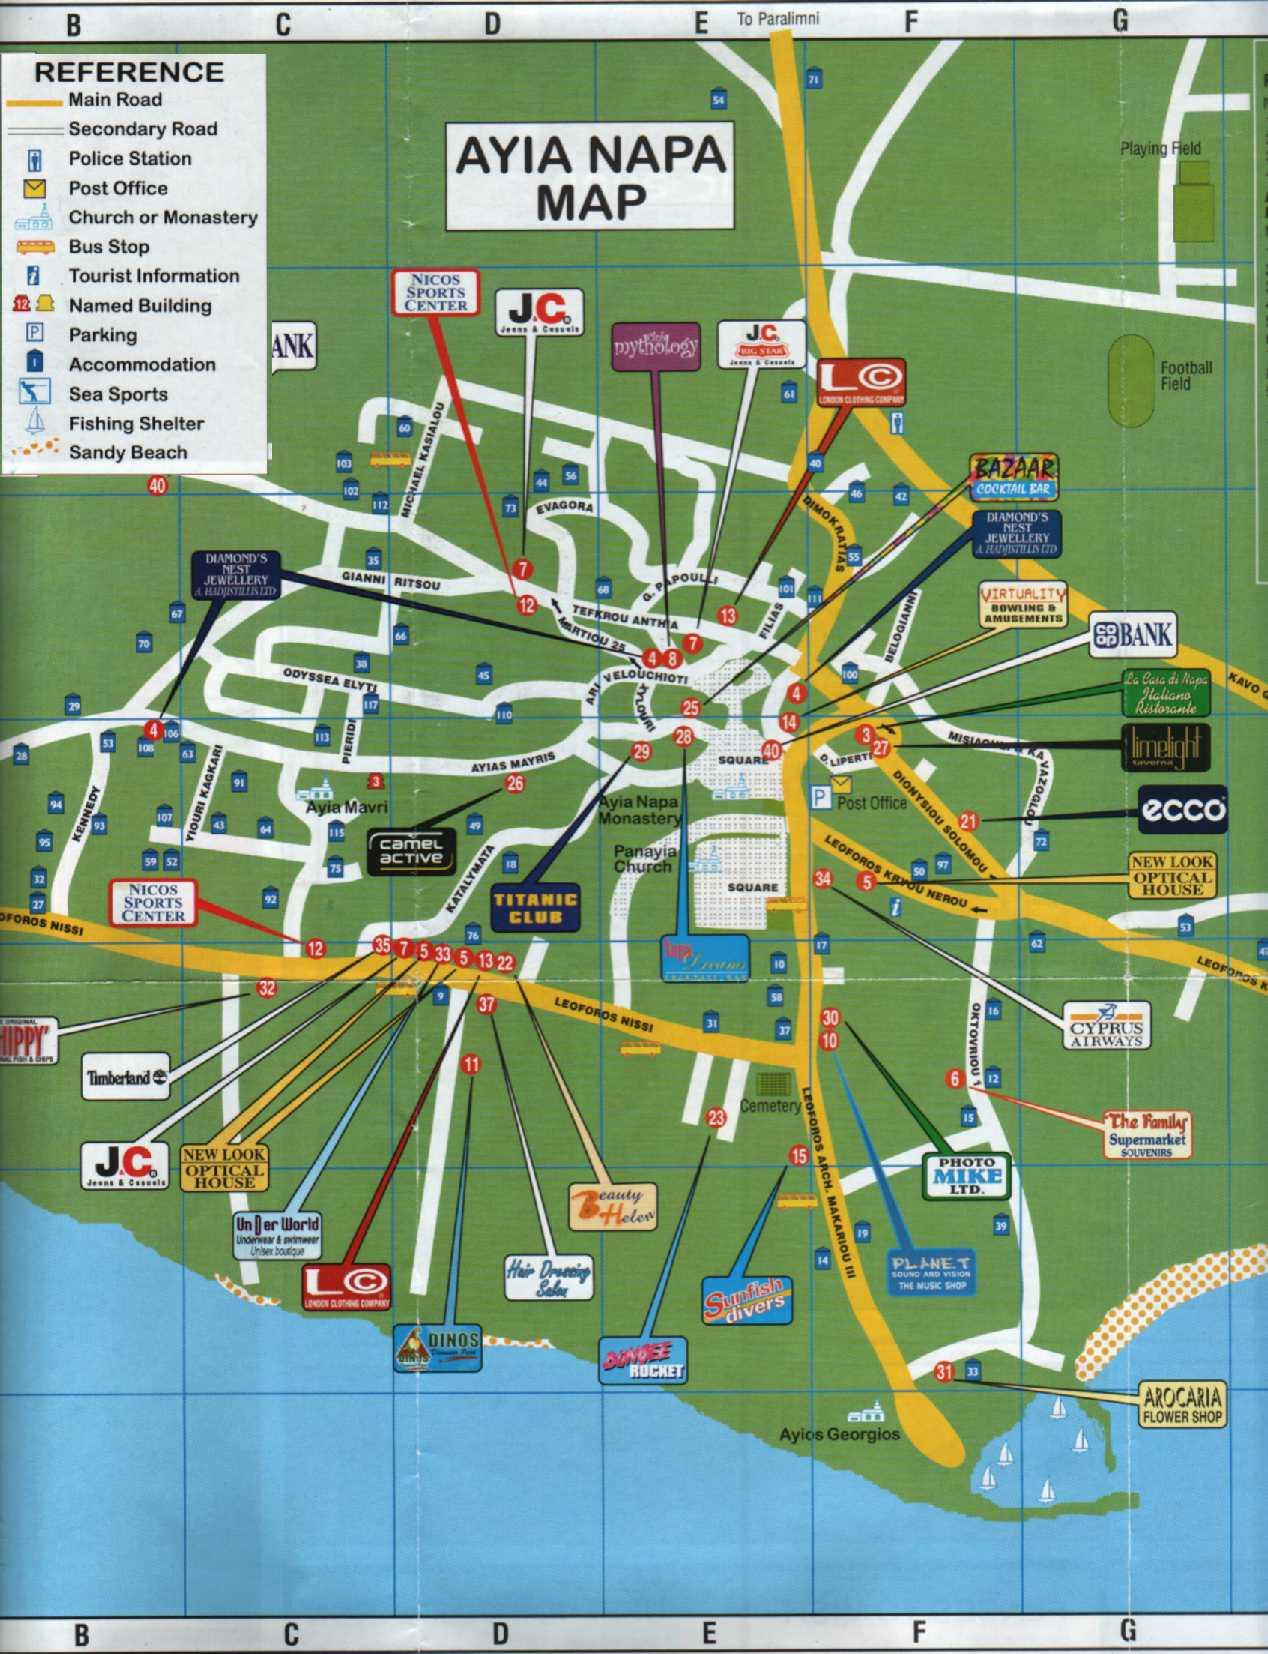 Ayia Napa Map Kart Over Ayia Napa | Kart Ayia Napa Map